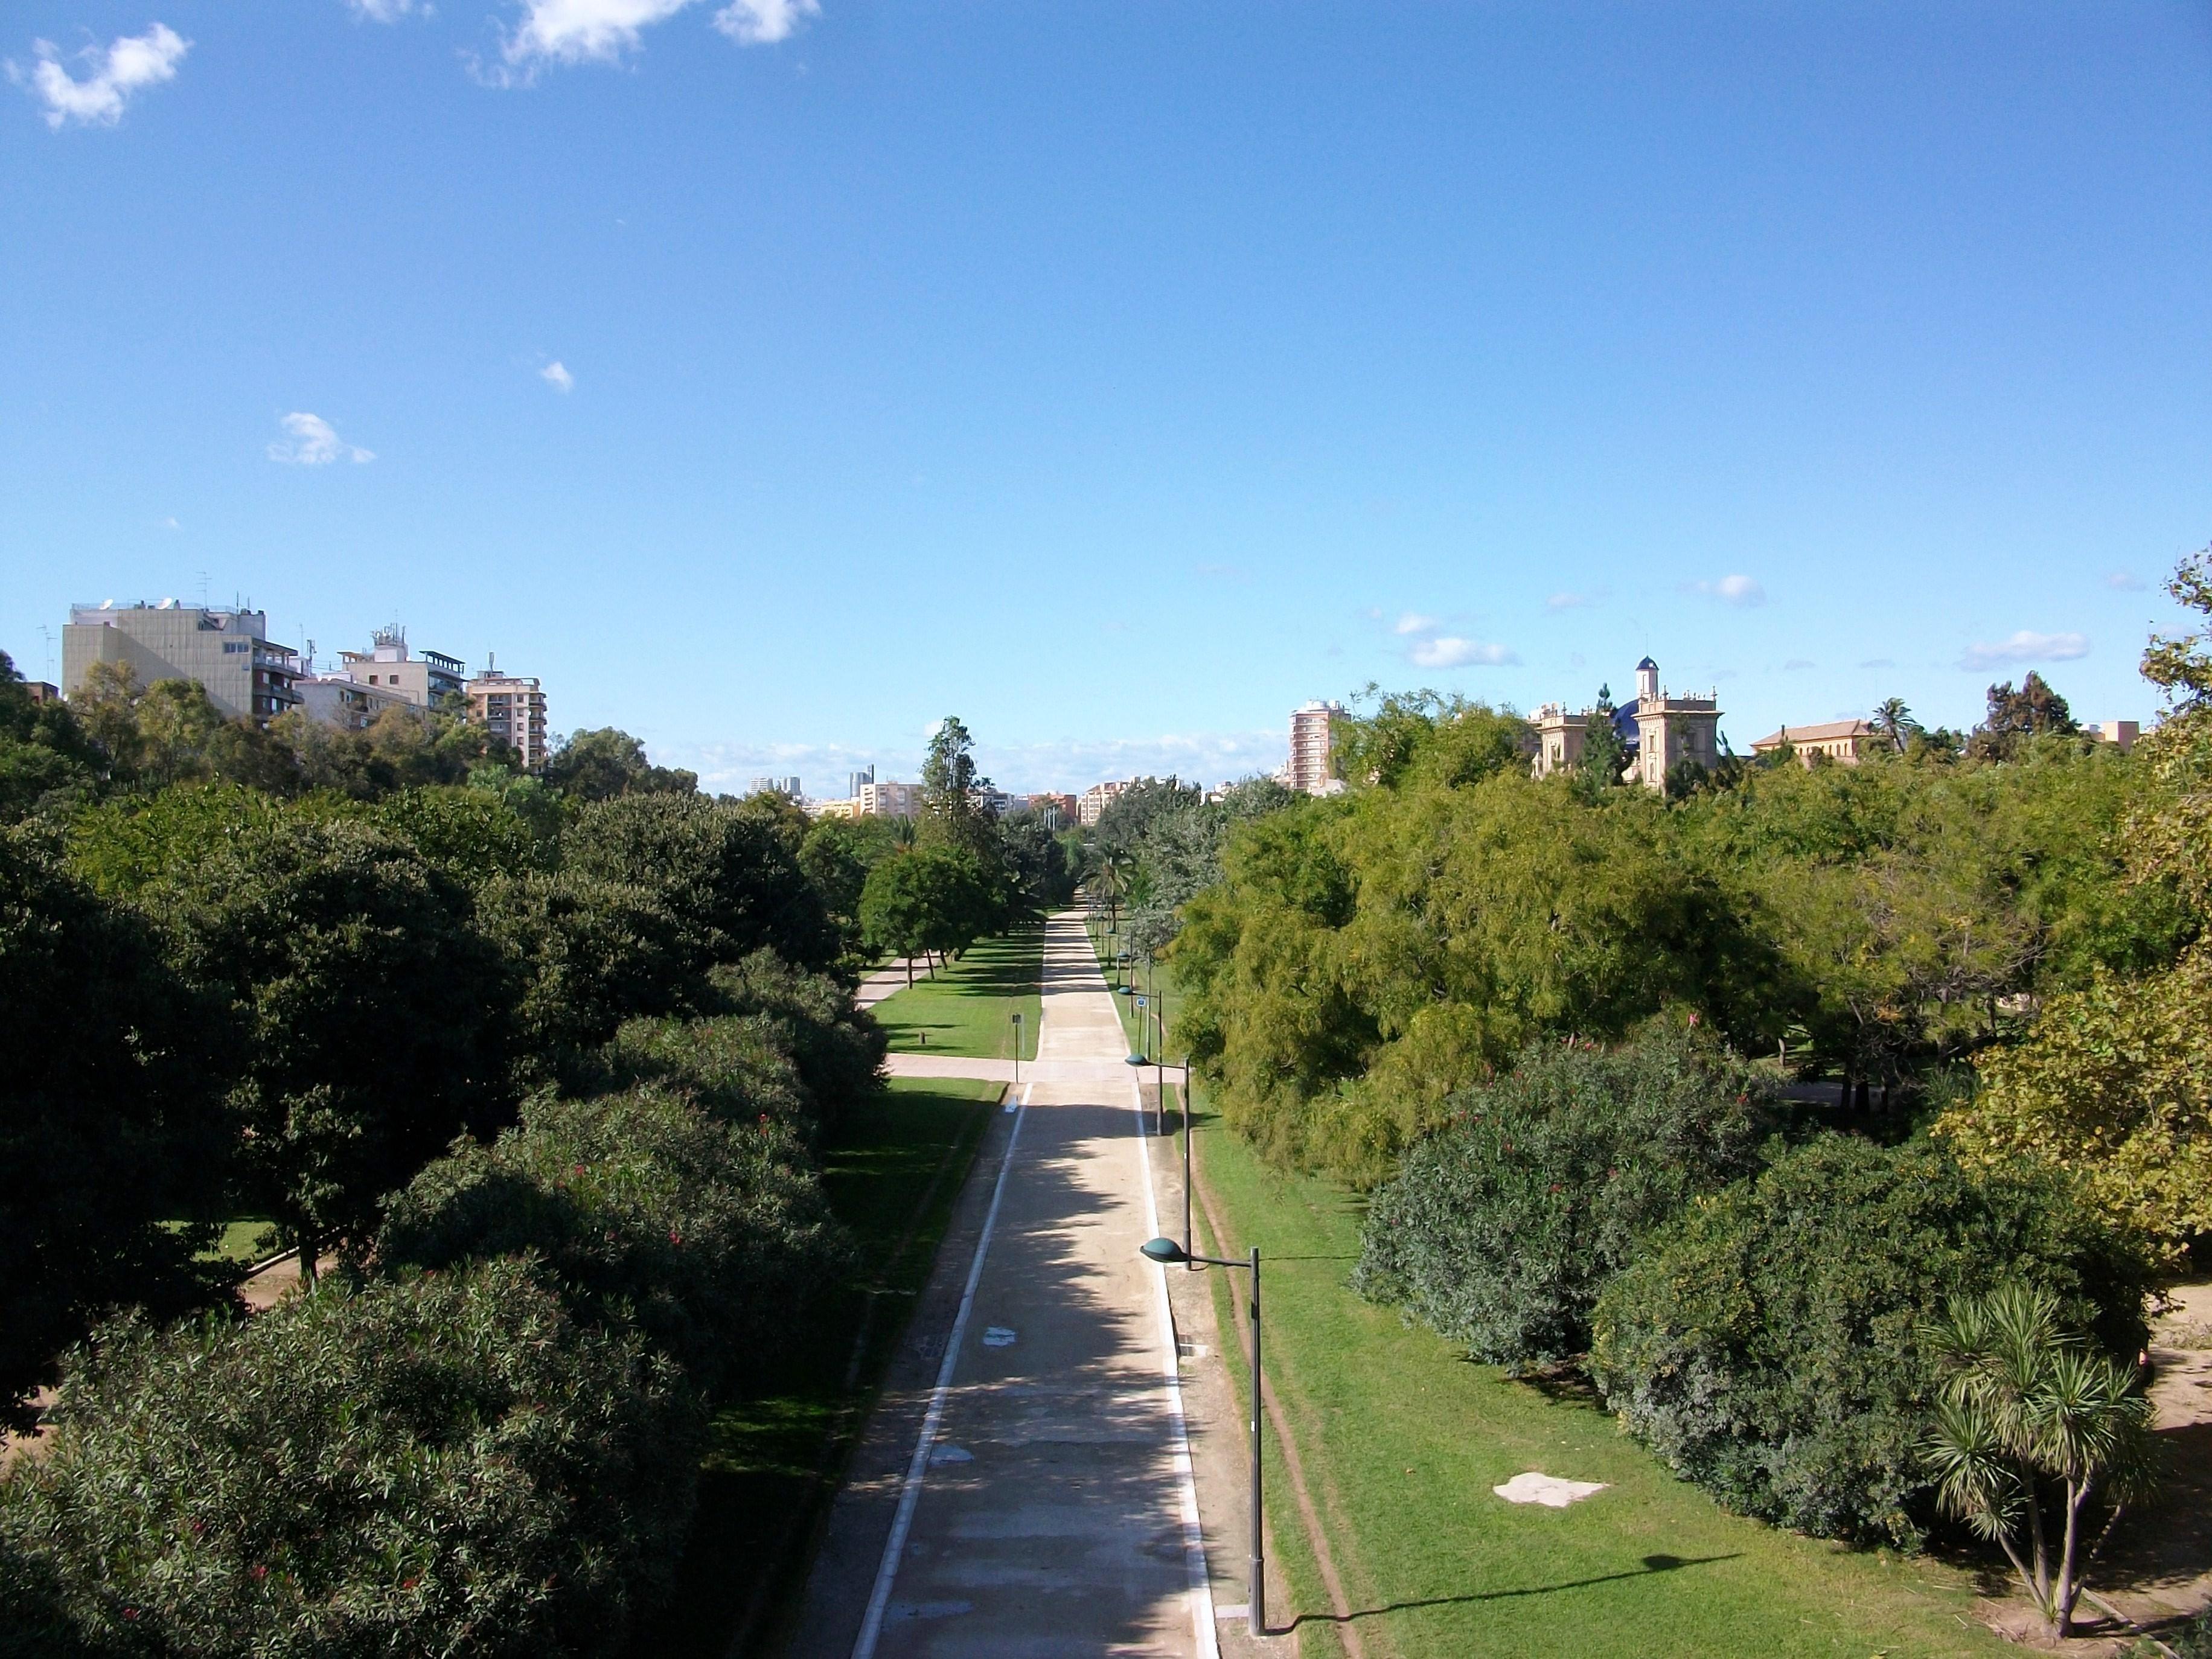 File:Jardins del Túria des del pont del Real, València.JPG - Wikimedia Commons